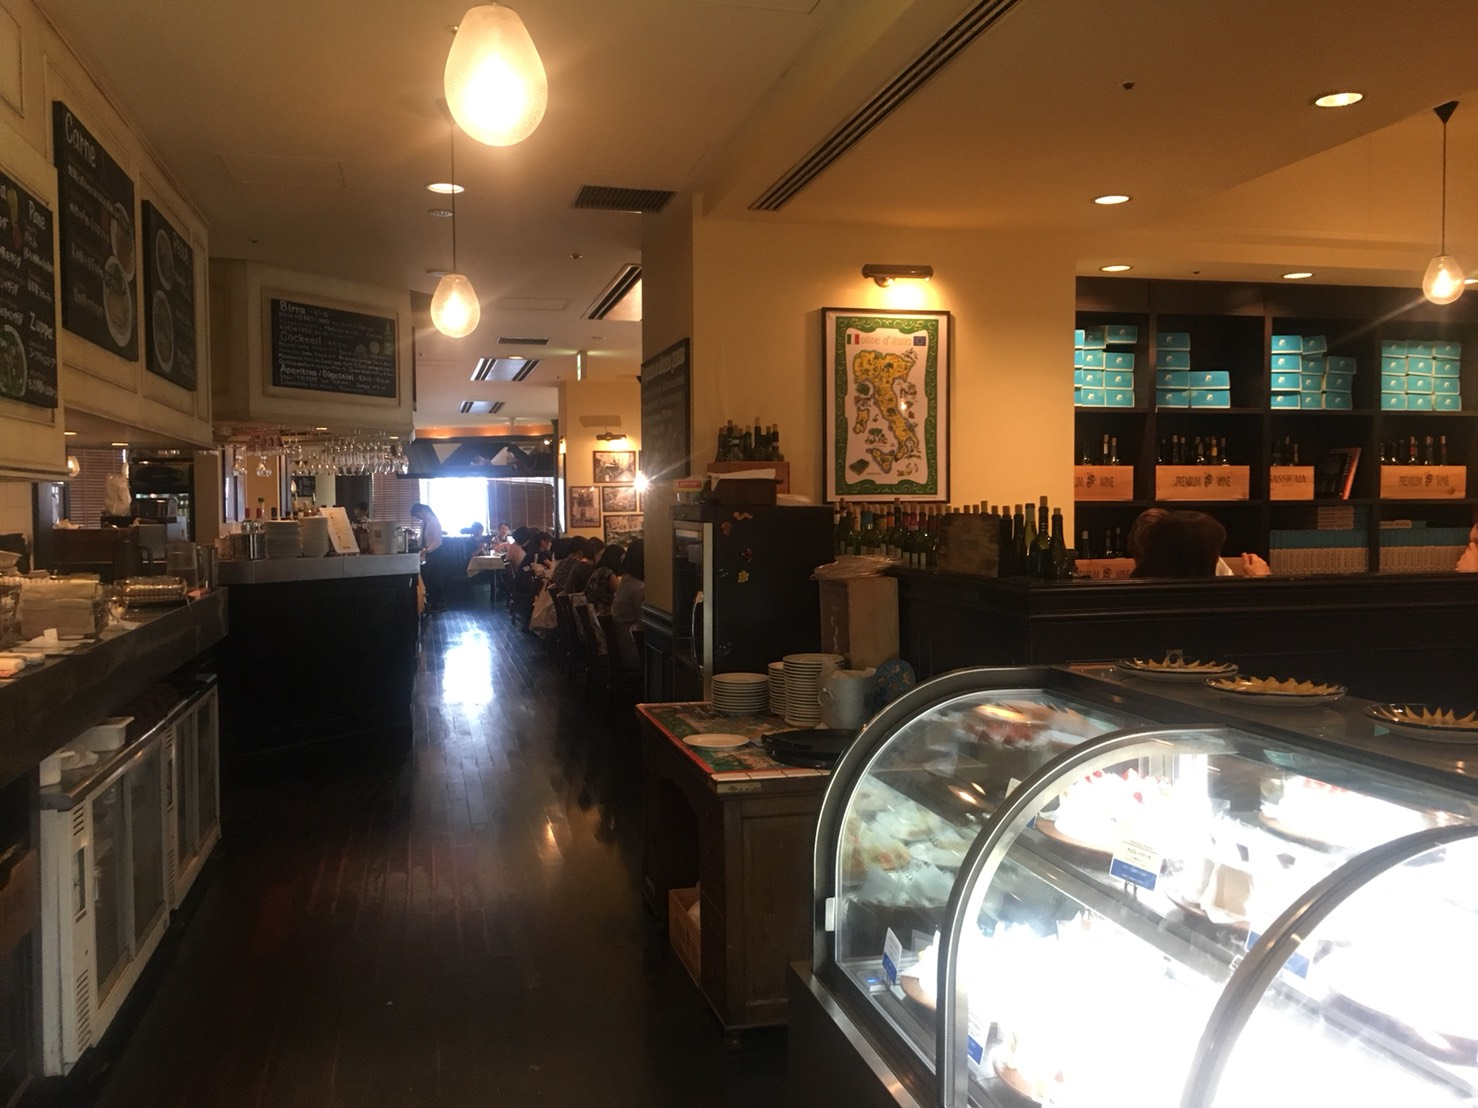 【後楽園駅】本格薪窯ナポリピザとパスタ「マルデナポリ ラクーア店」の店内